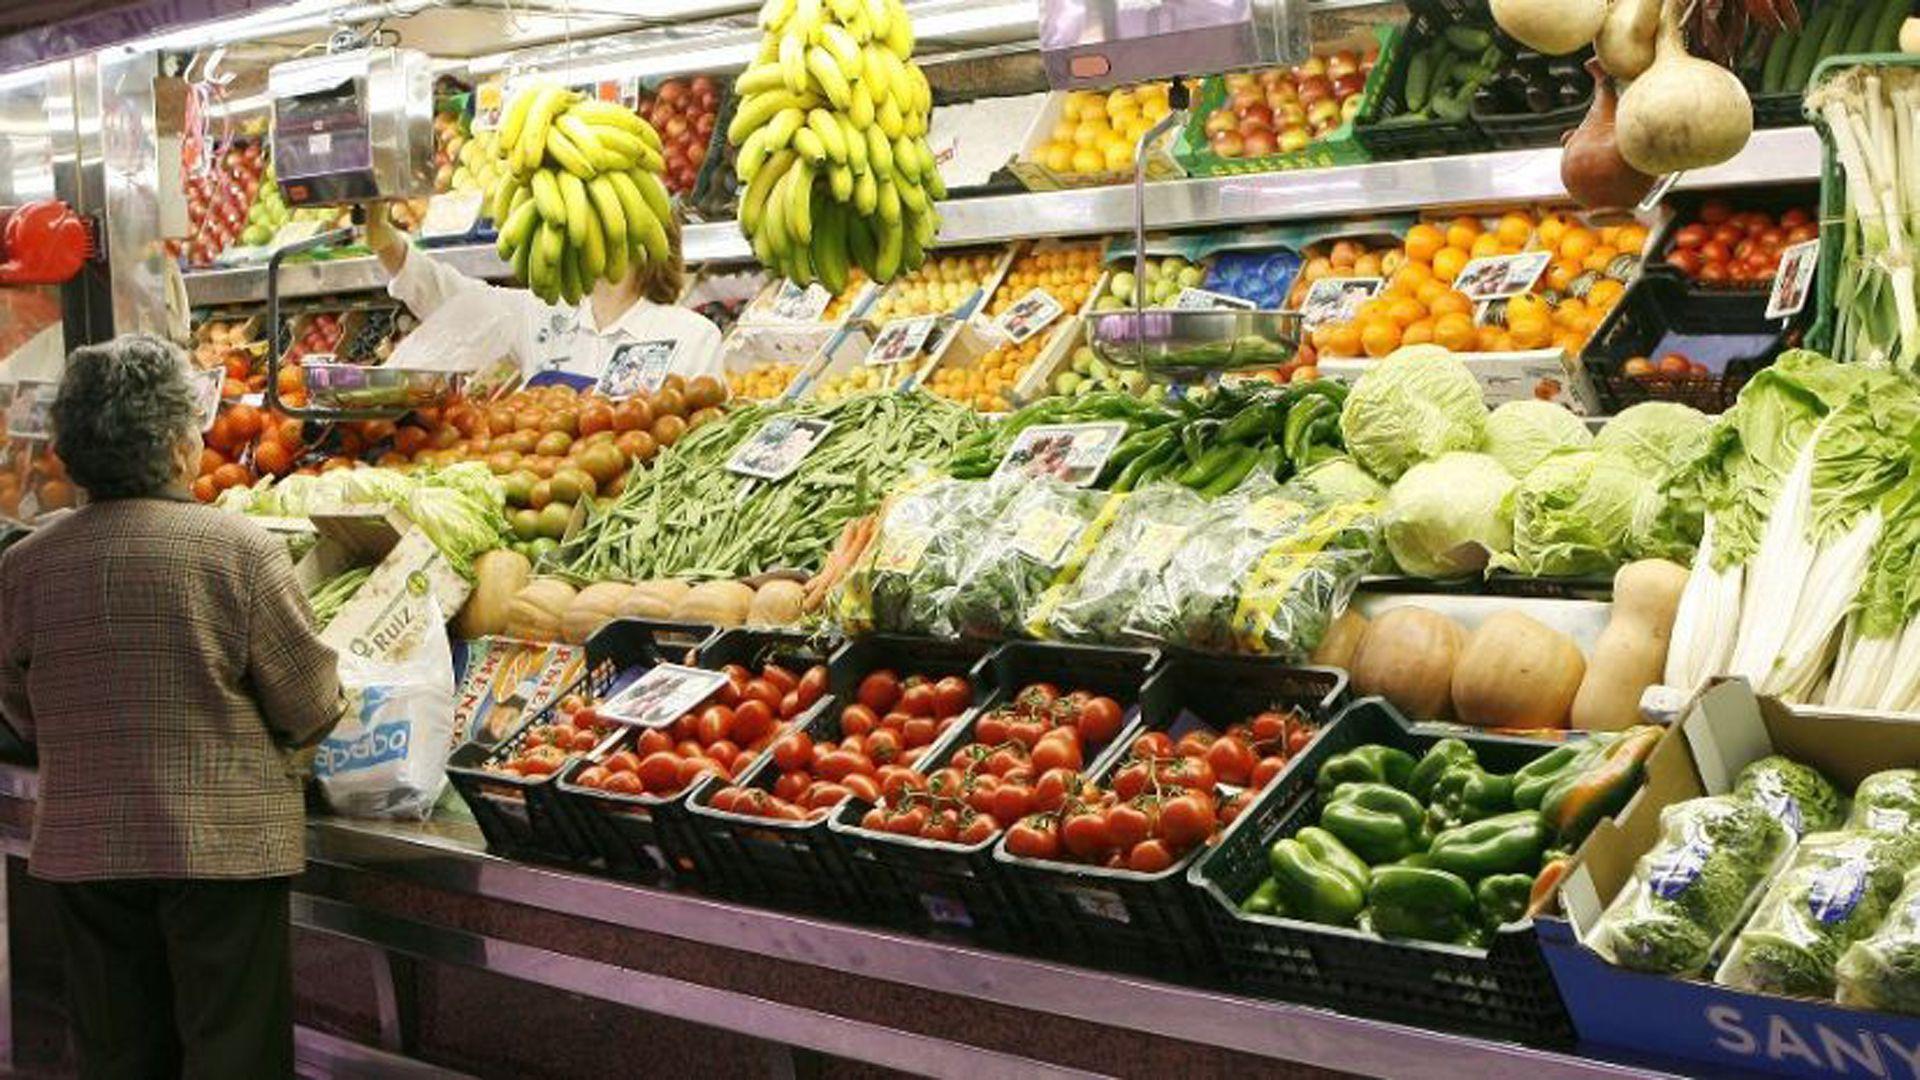 Especialistas en temas agropecuarios advirtieron que una suba de retenciones no provocaría una solución al problema inflacionario de la Argentina